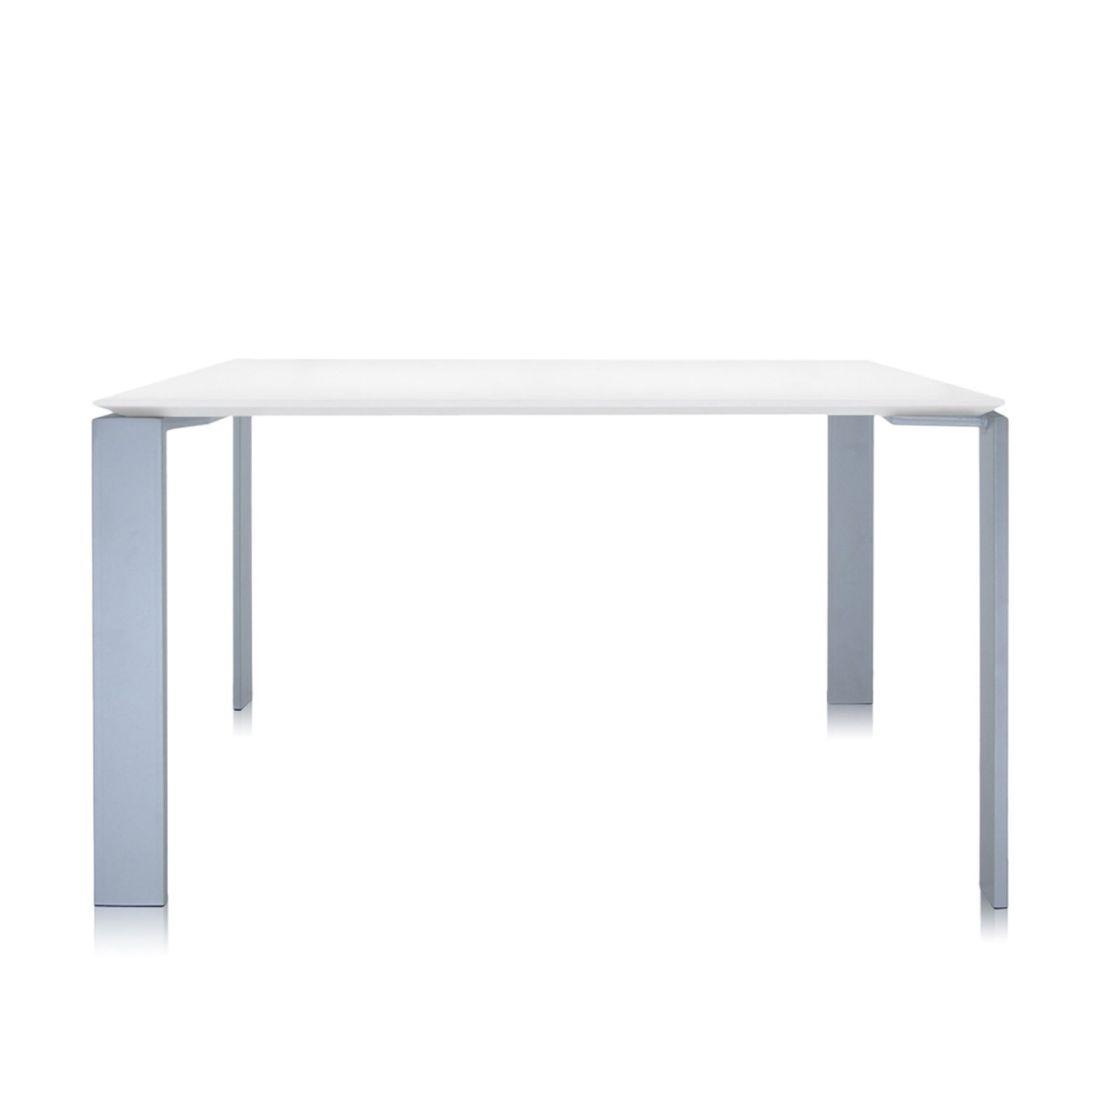 Four Tisch 223 Beine alu, Platte weiß